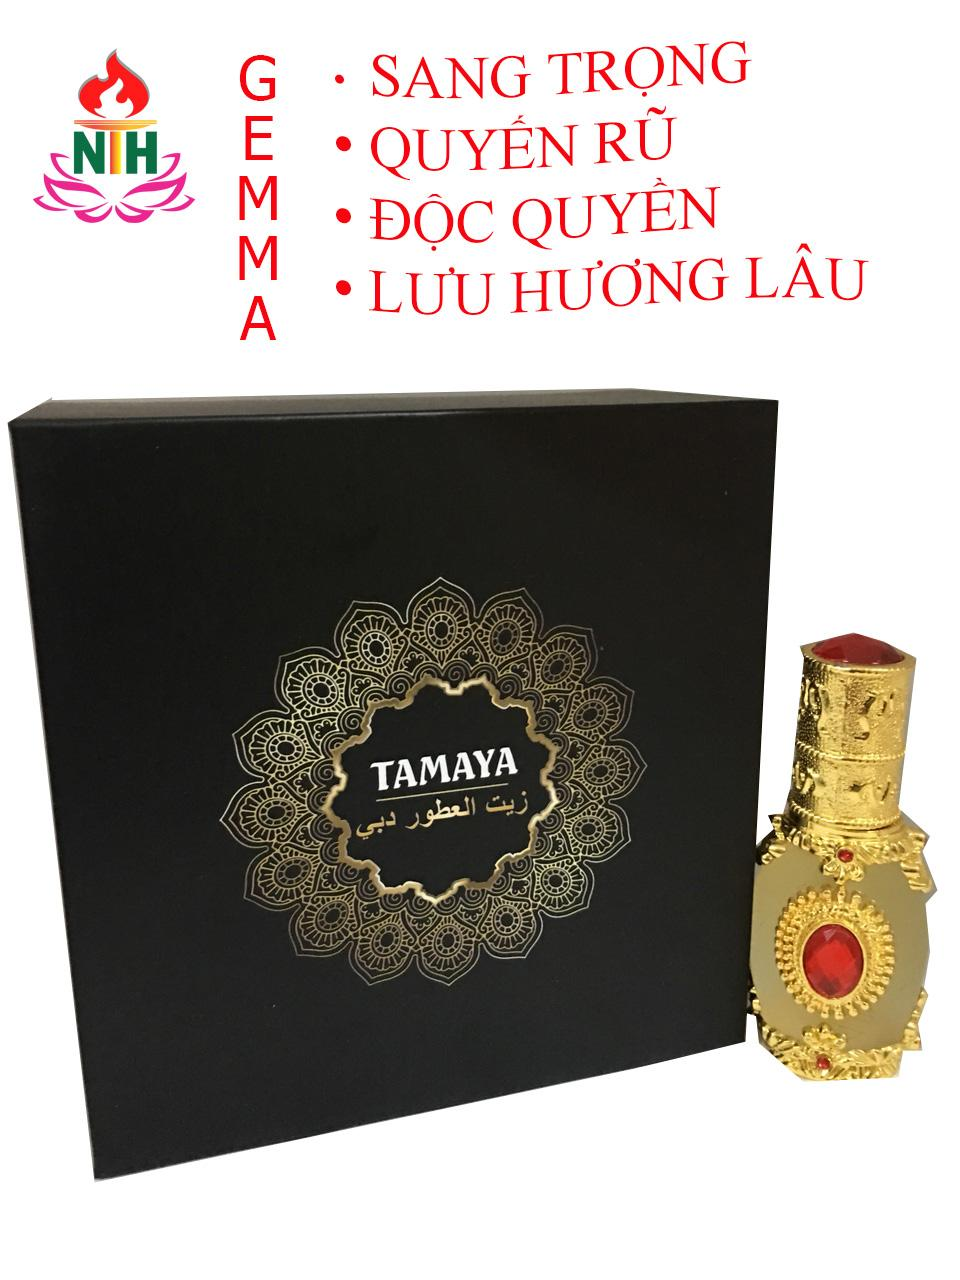 Nước hoa tinh dầu mùi GEMMA cho nữ( full hộp) - mẫu RUBY VIP 12ml